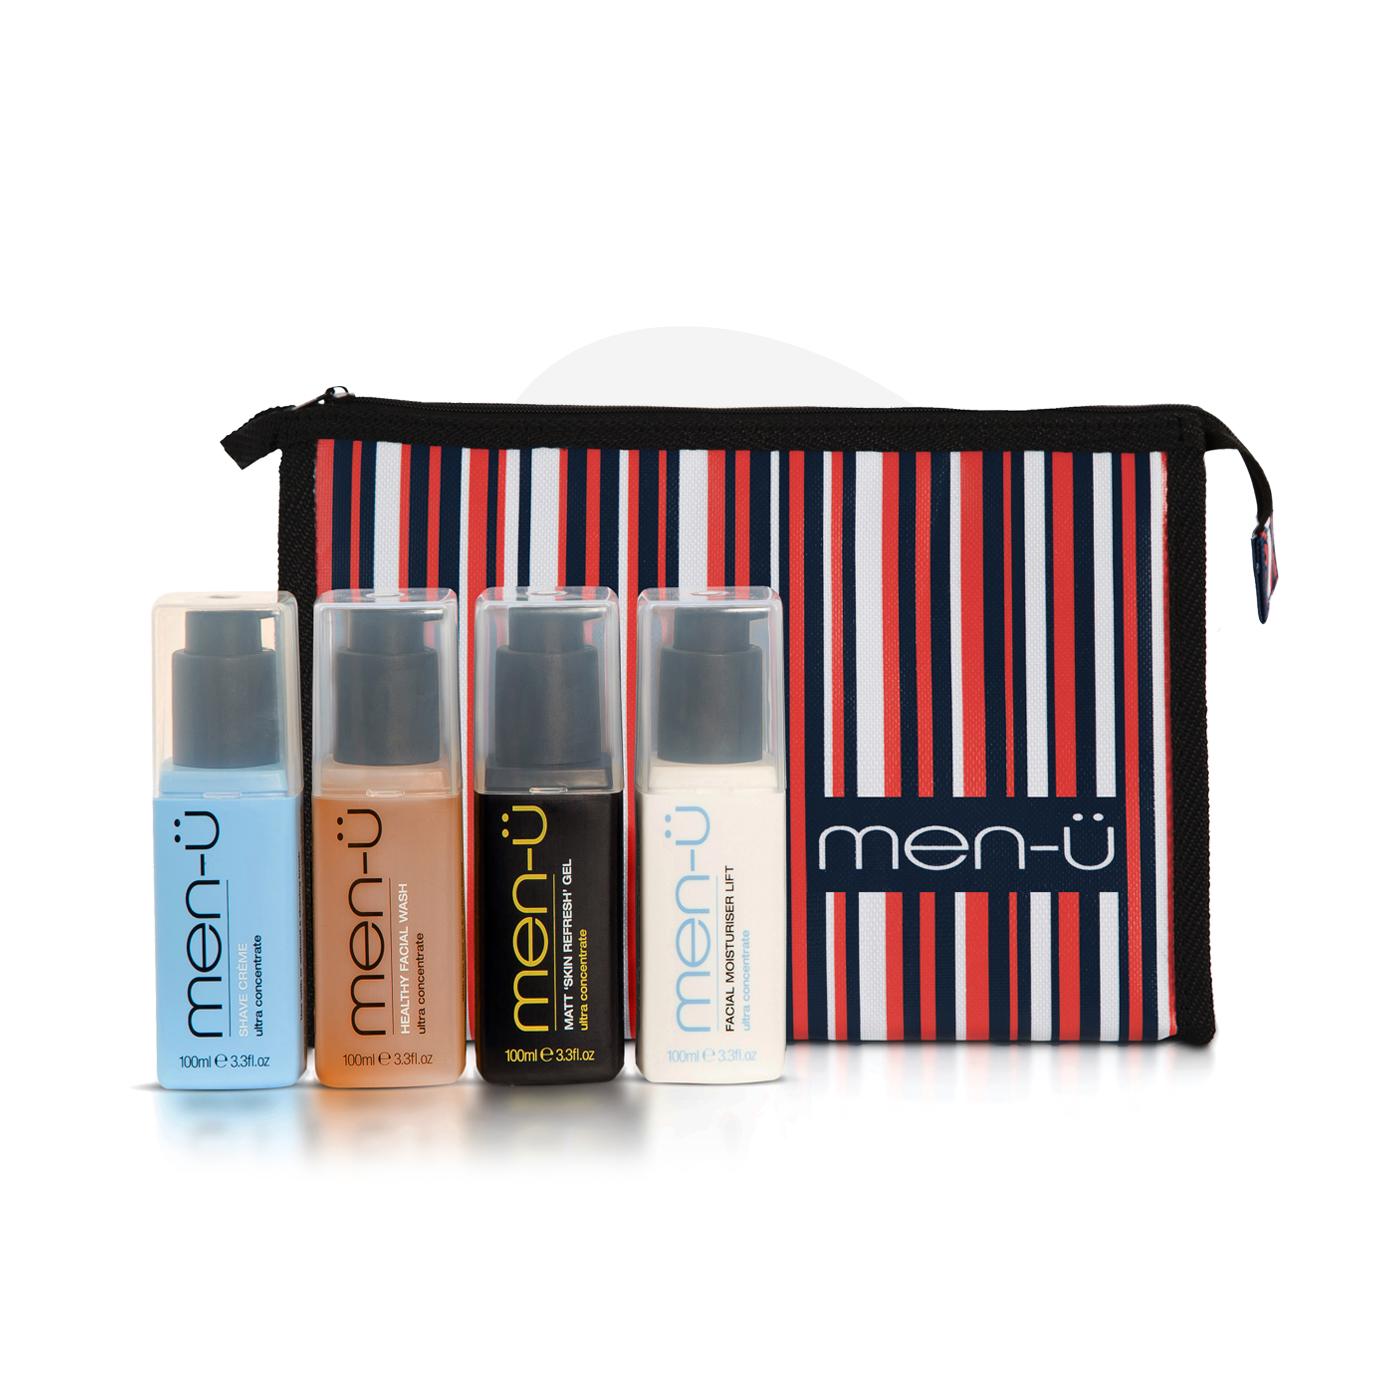 b00cff8422 men-ü Ultimate Shave   Skin Kit Gift Set